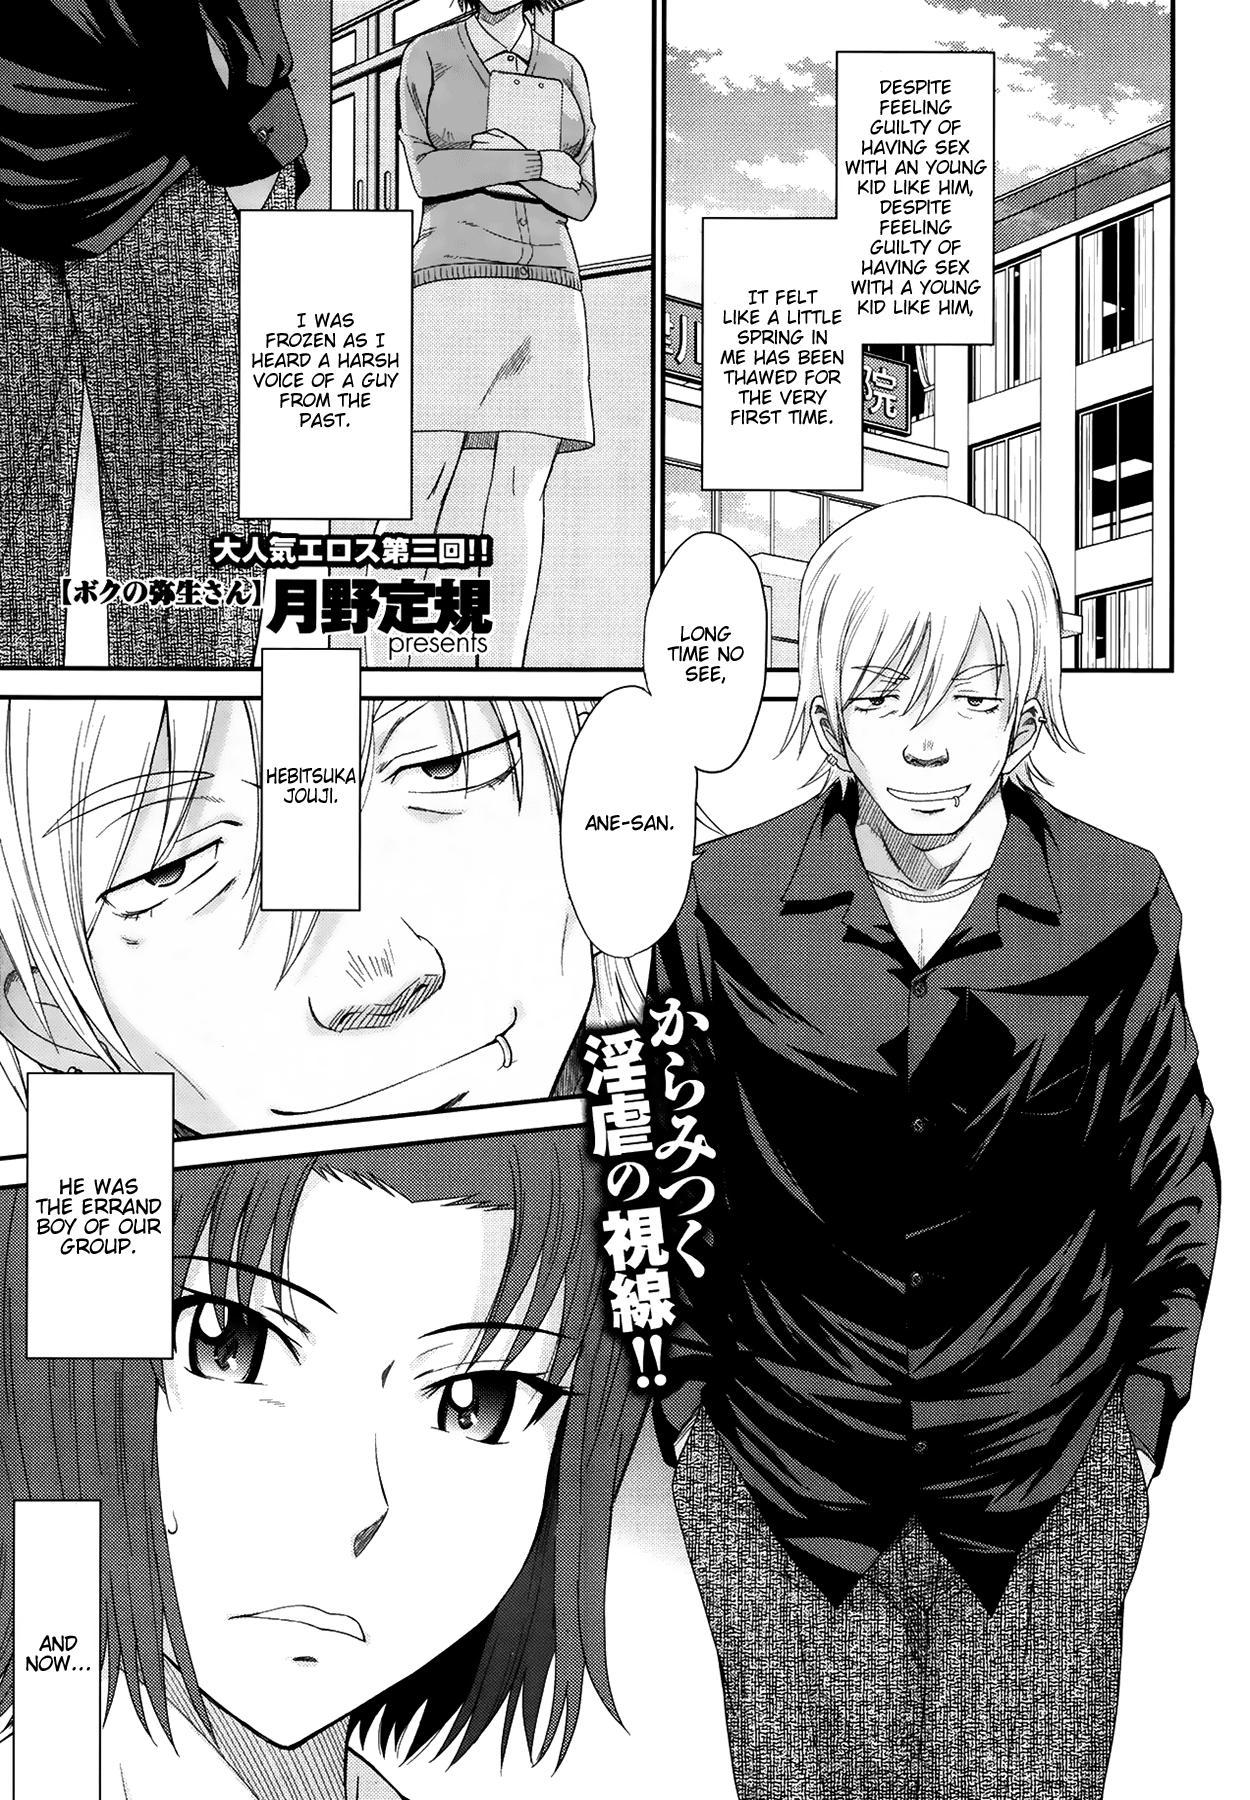 [Tsukino Jyogi] Boku no Yayoi-san ch.1-4 [English] =Krizalid= 50